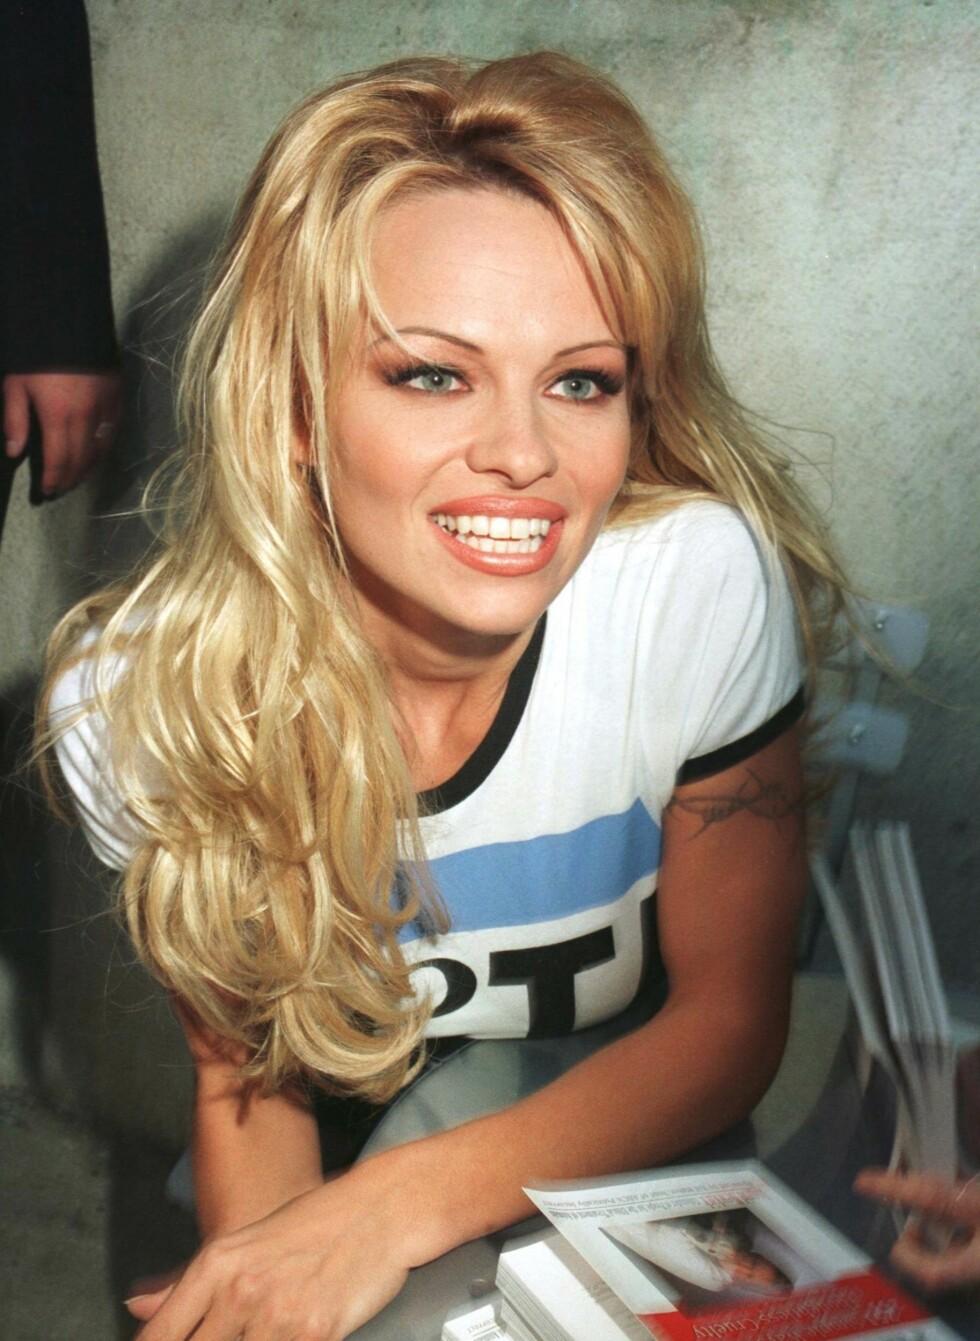 Pamela Anderson var superbaben i Baywatch. Og de blonde surfelokkene hennes var et yndet objekt for kopiering.  Foto: All Over Press